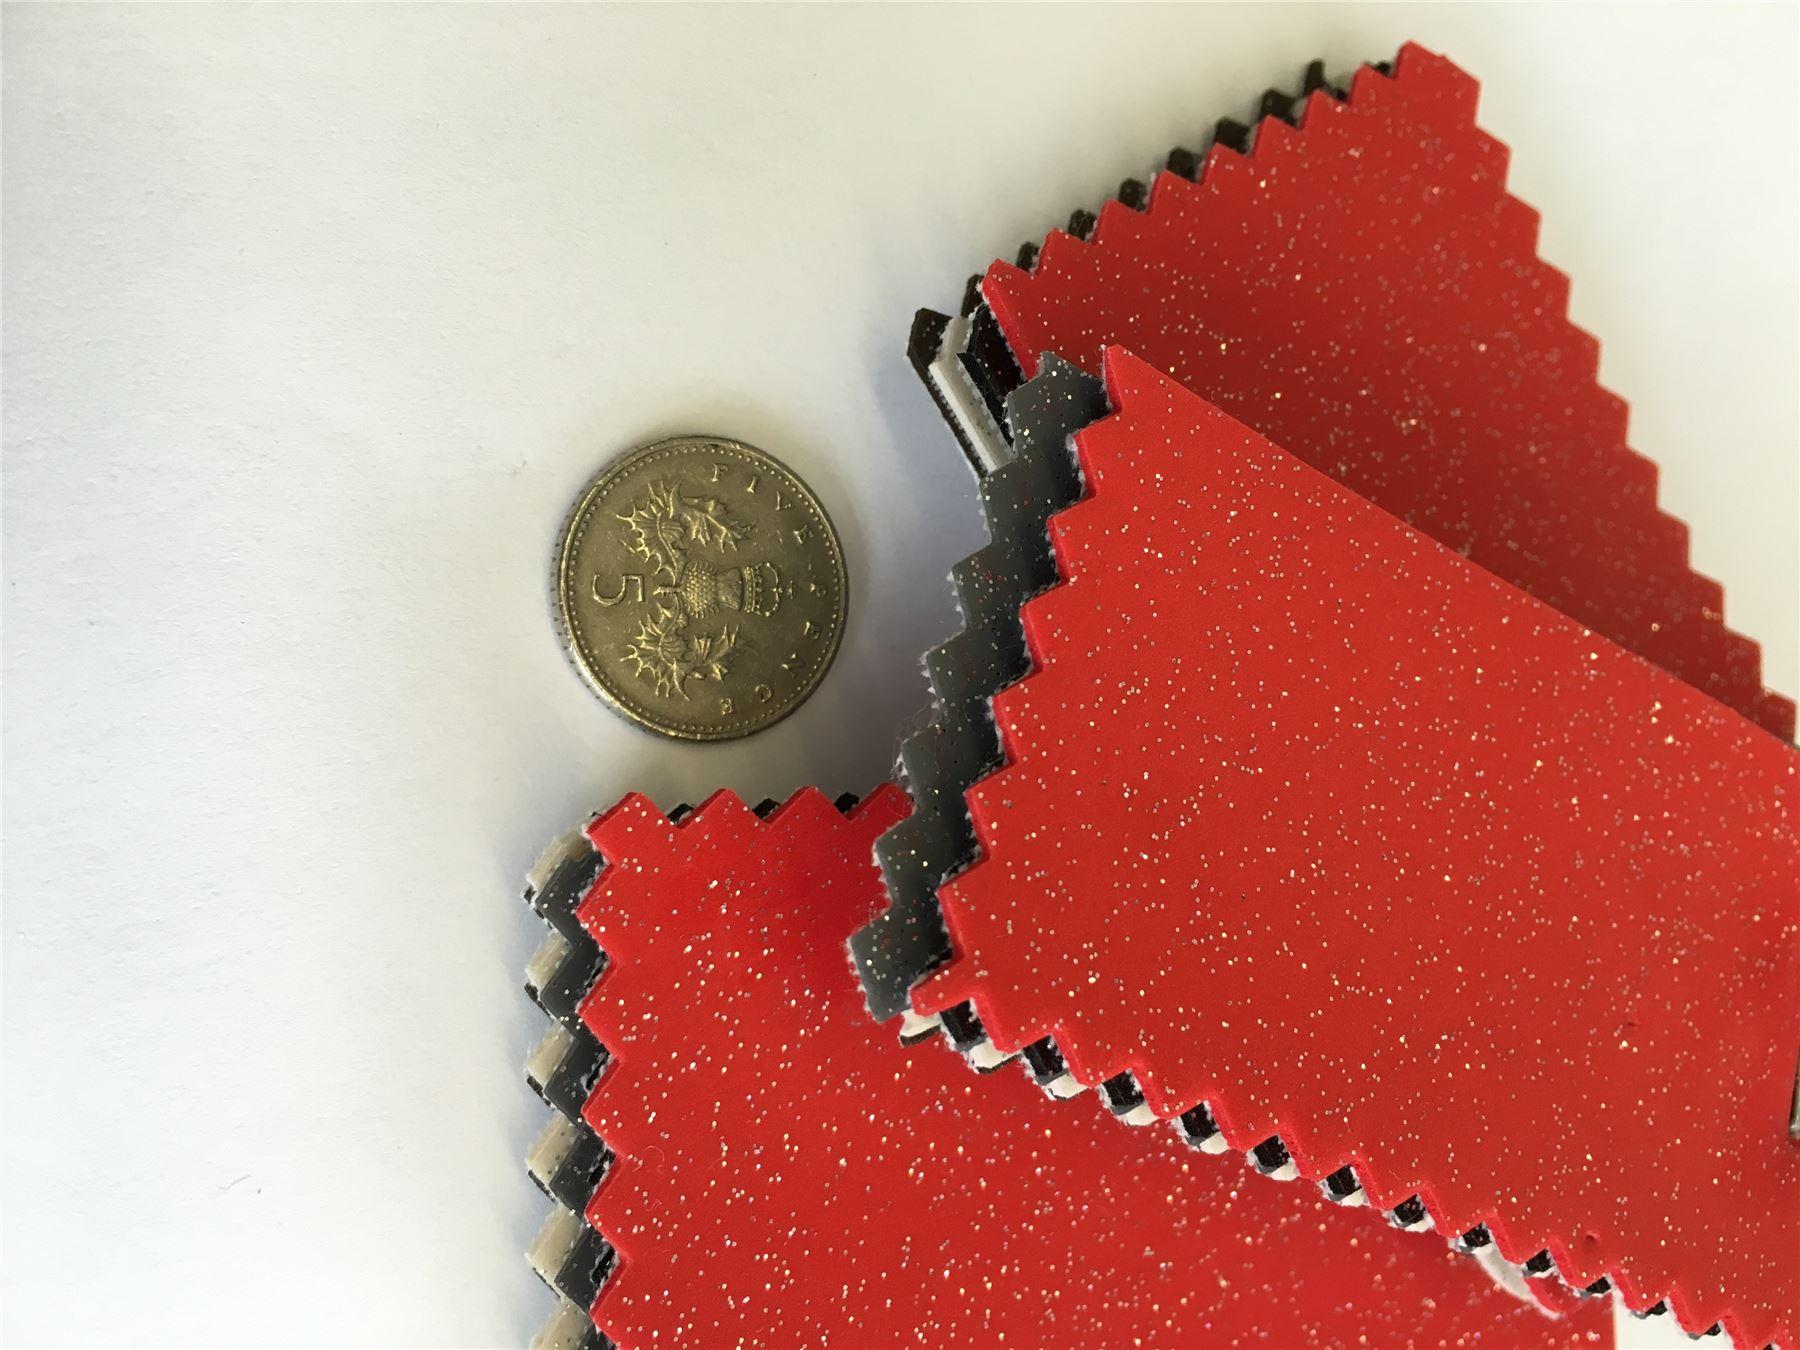 hochglanz glitzer vinyl kunstleder stoff funkeln plastik pvc h lle ebay. Black Bedroom Furniture Sets. Home Design Ideas